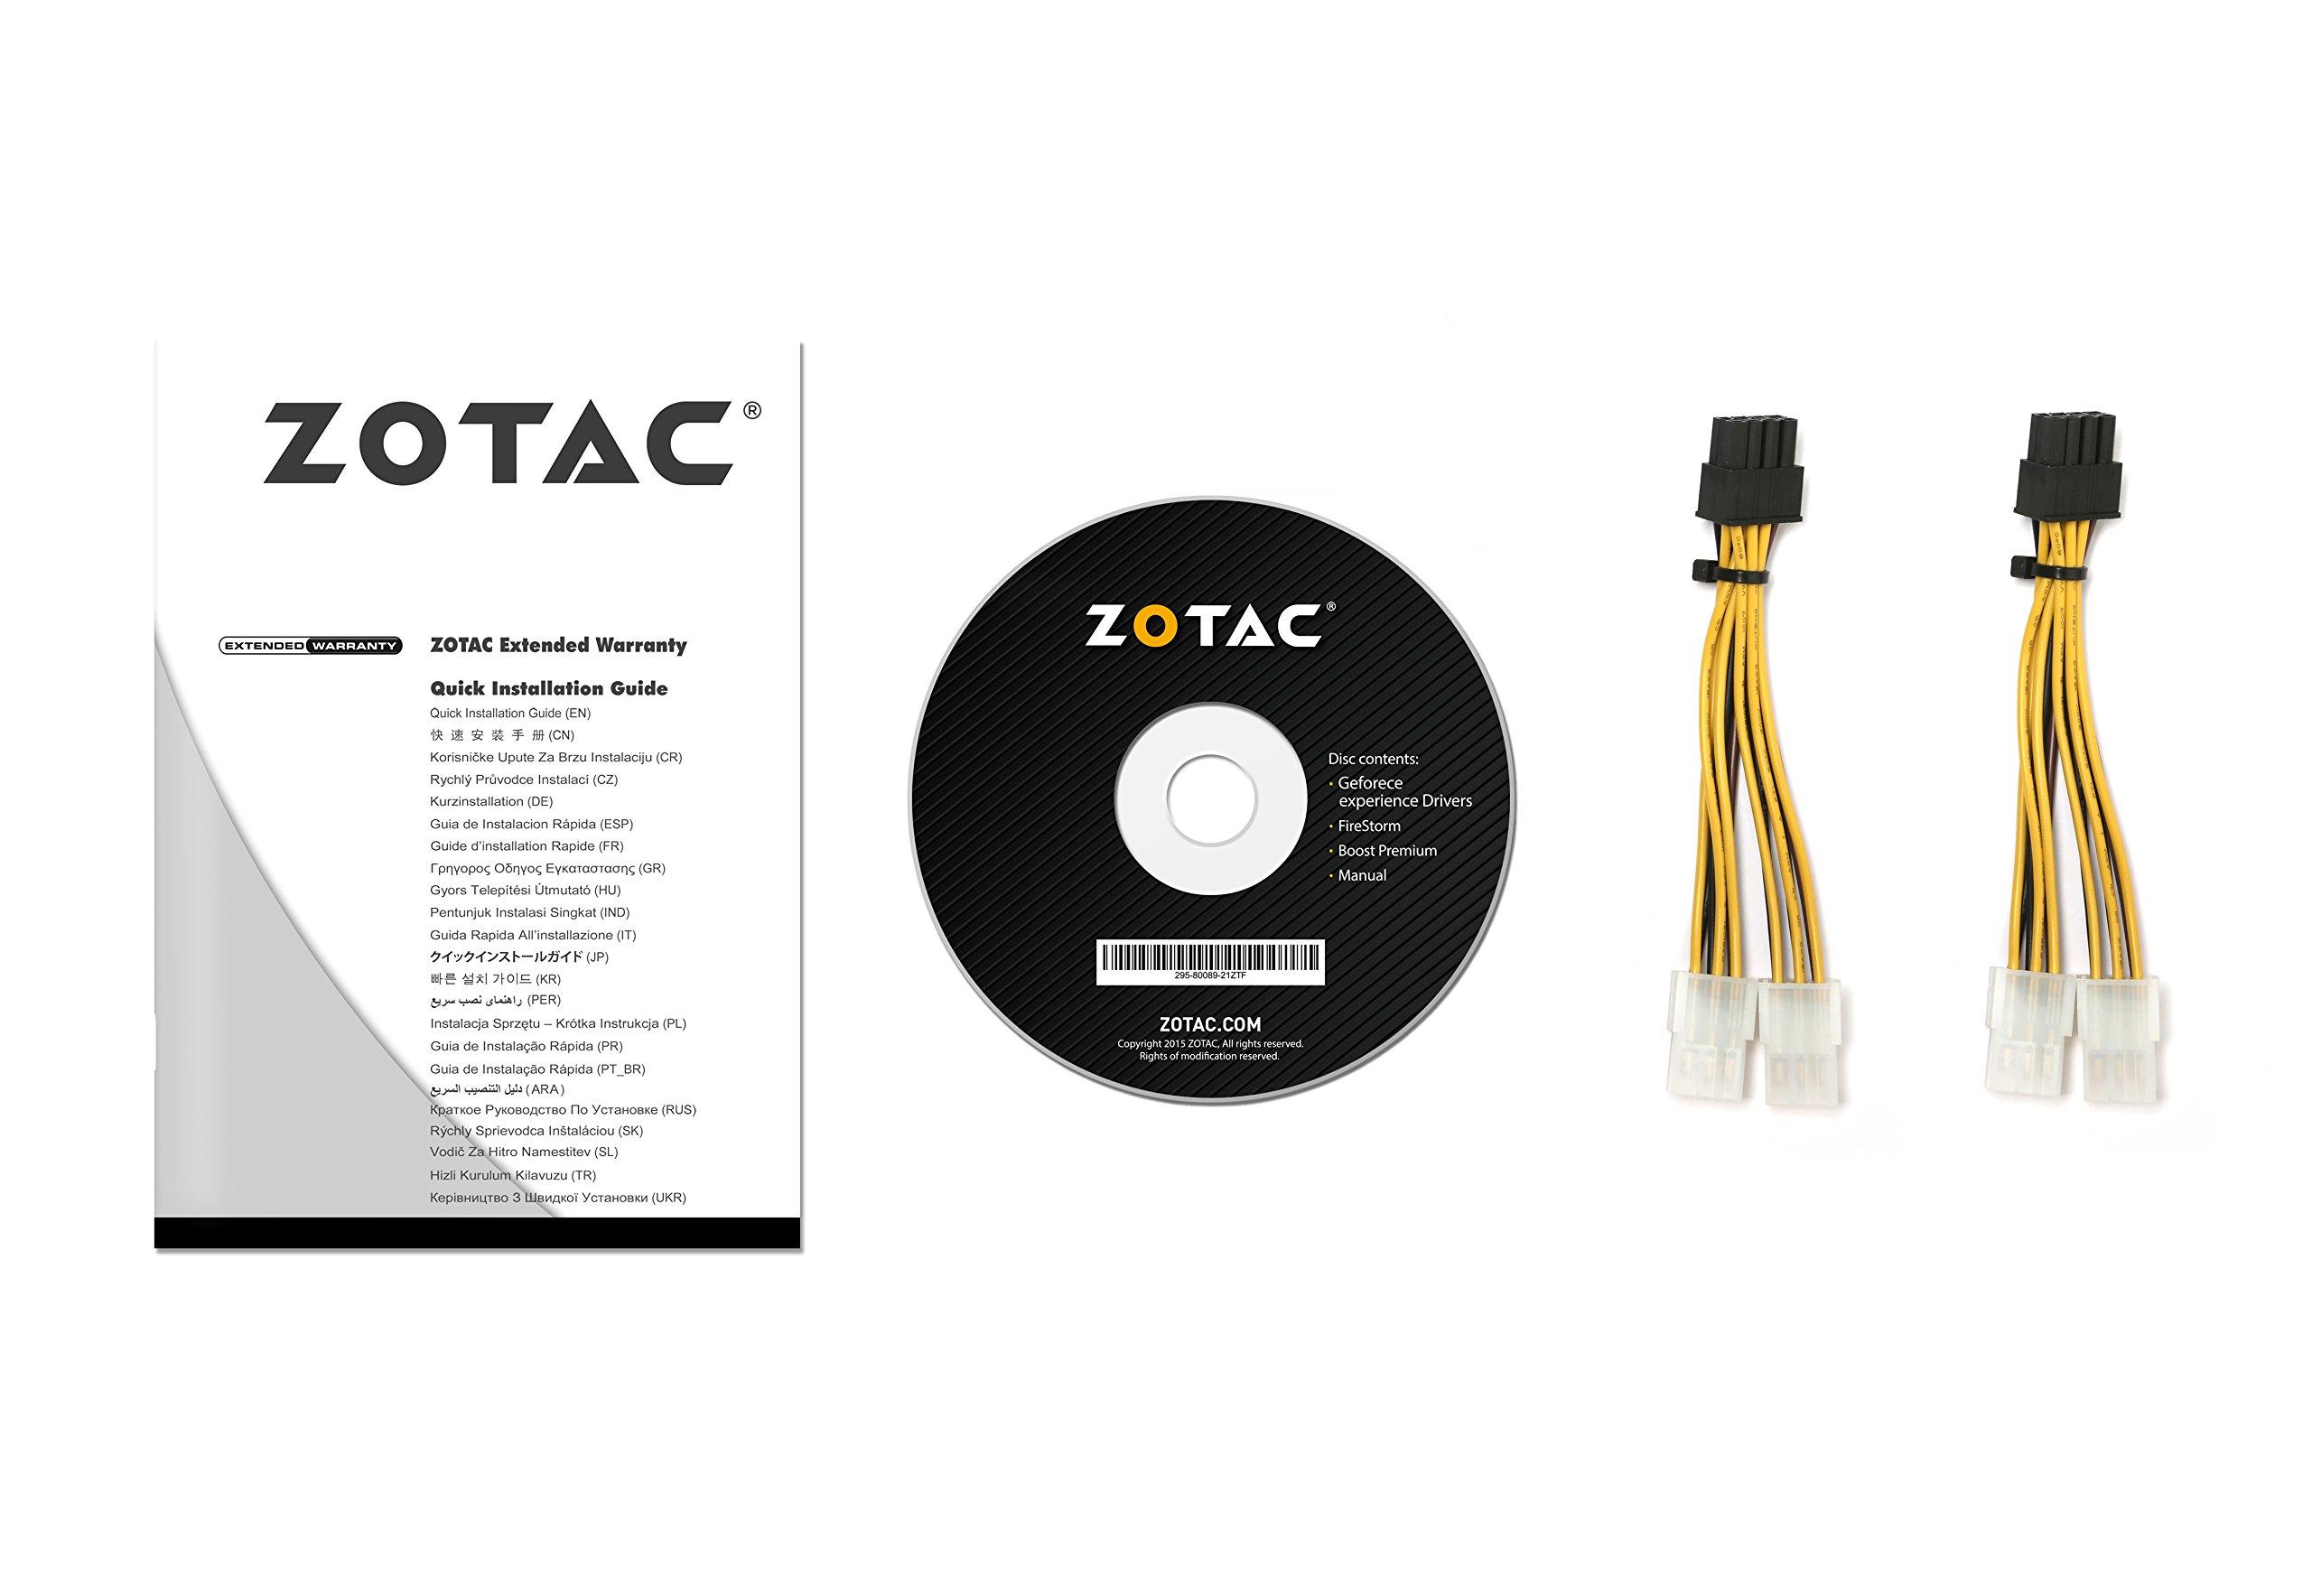 ZOTAC NVIDIA GeForce GTX 1080 Ti Mini 11GB GDDR5X DVI/HDMI/3DisplayPort PCI-Express Video Card by ZOTAC (Image #8)